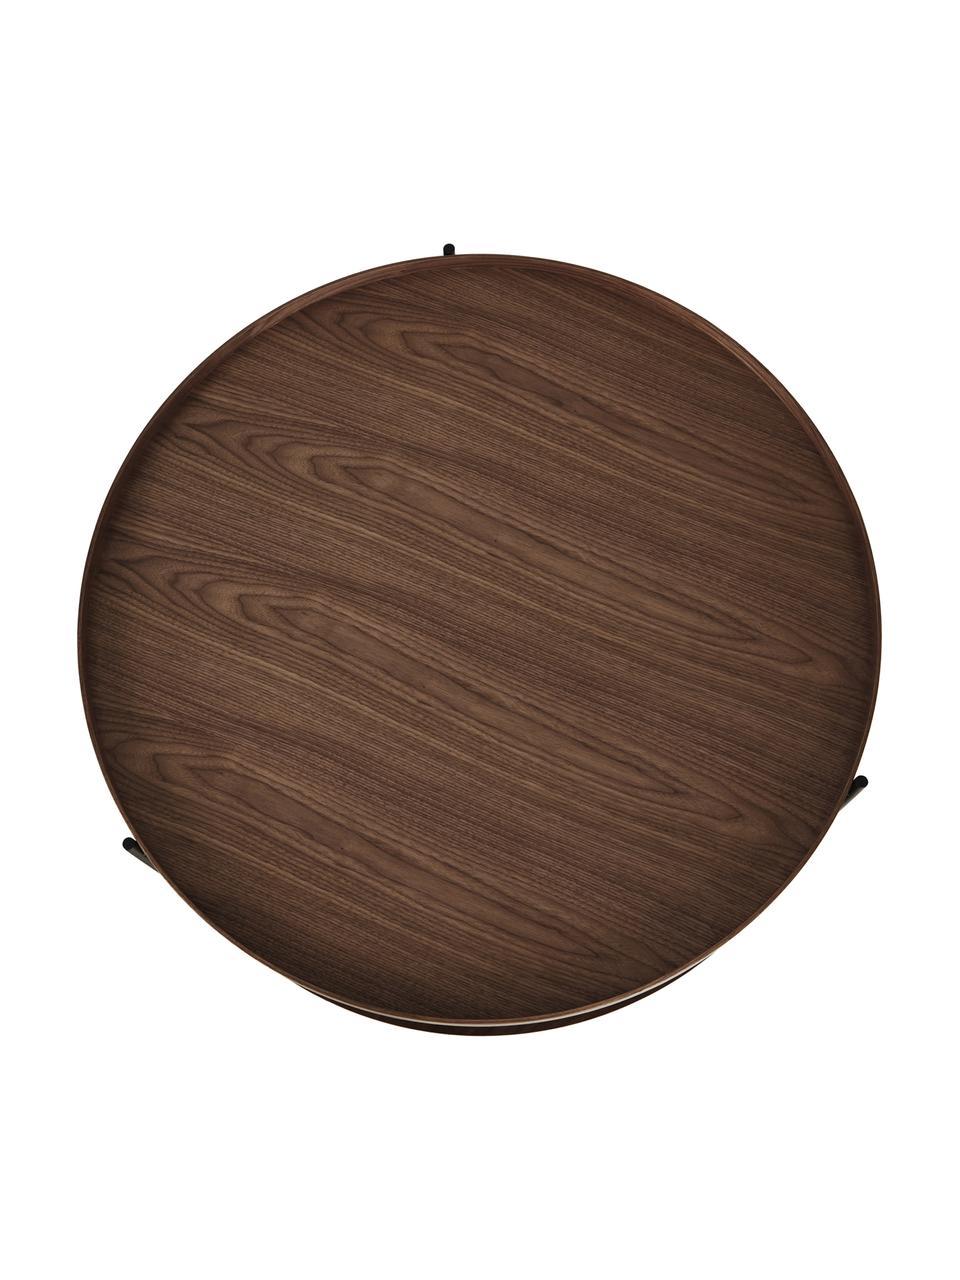 Großer Holz-Couchtisch Renee mit Walnussholzfurnier, Gestell: Metall, pulverbeschichtet, Walnussholz, Ø 90 x H 39 cm